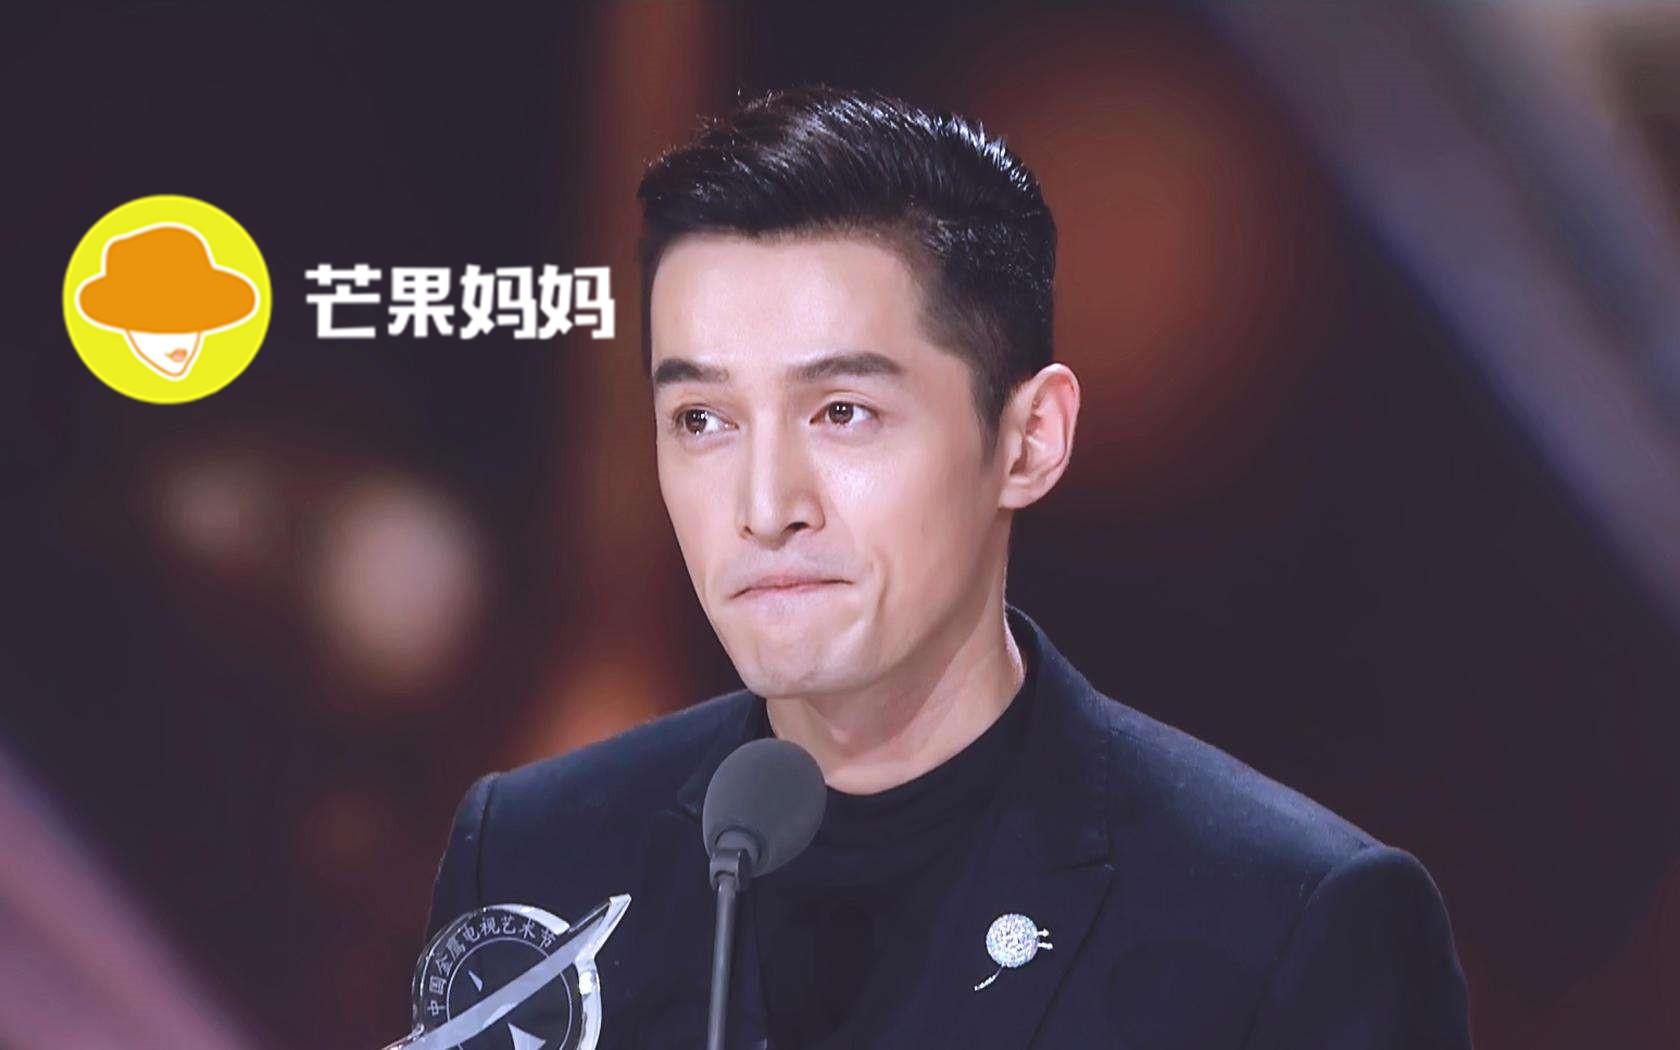 胡歌彭于晏苏有朋,男人越老越不想结婚?